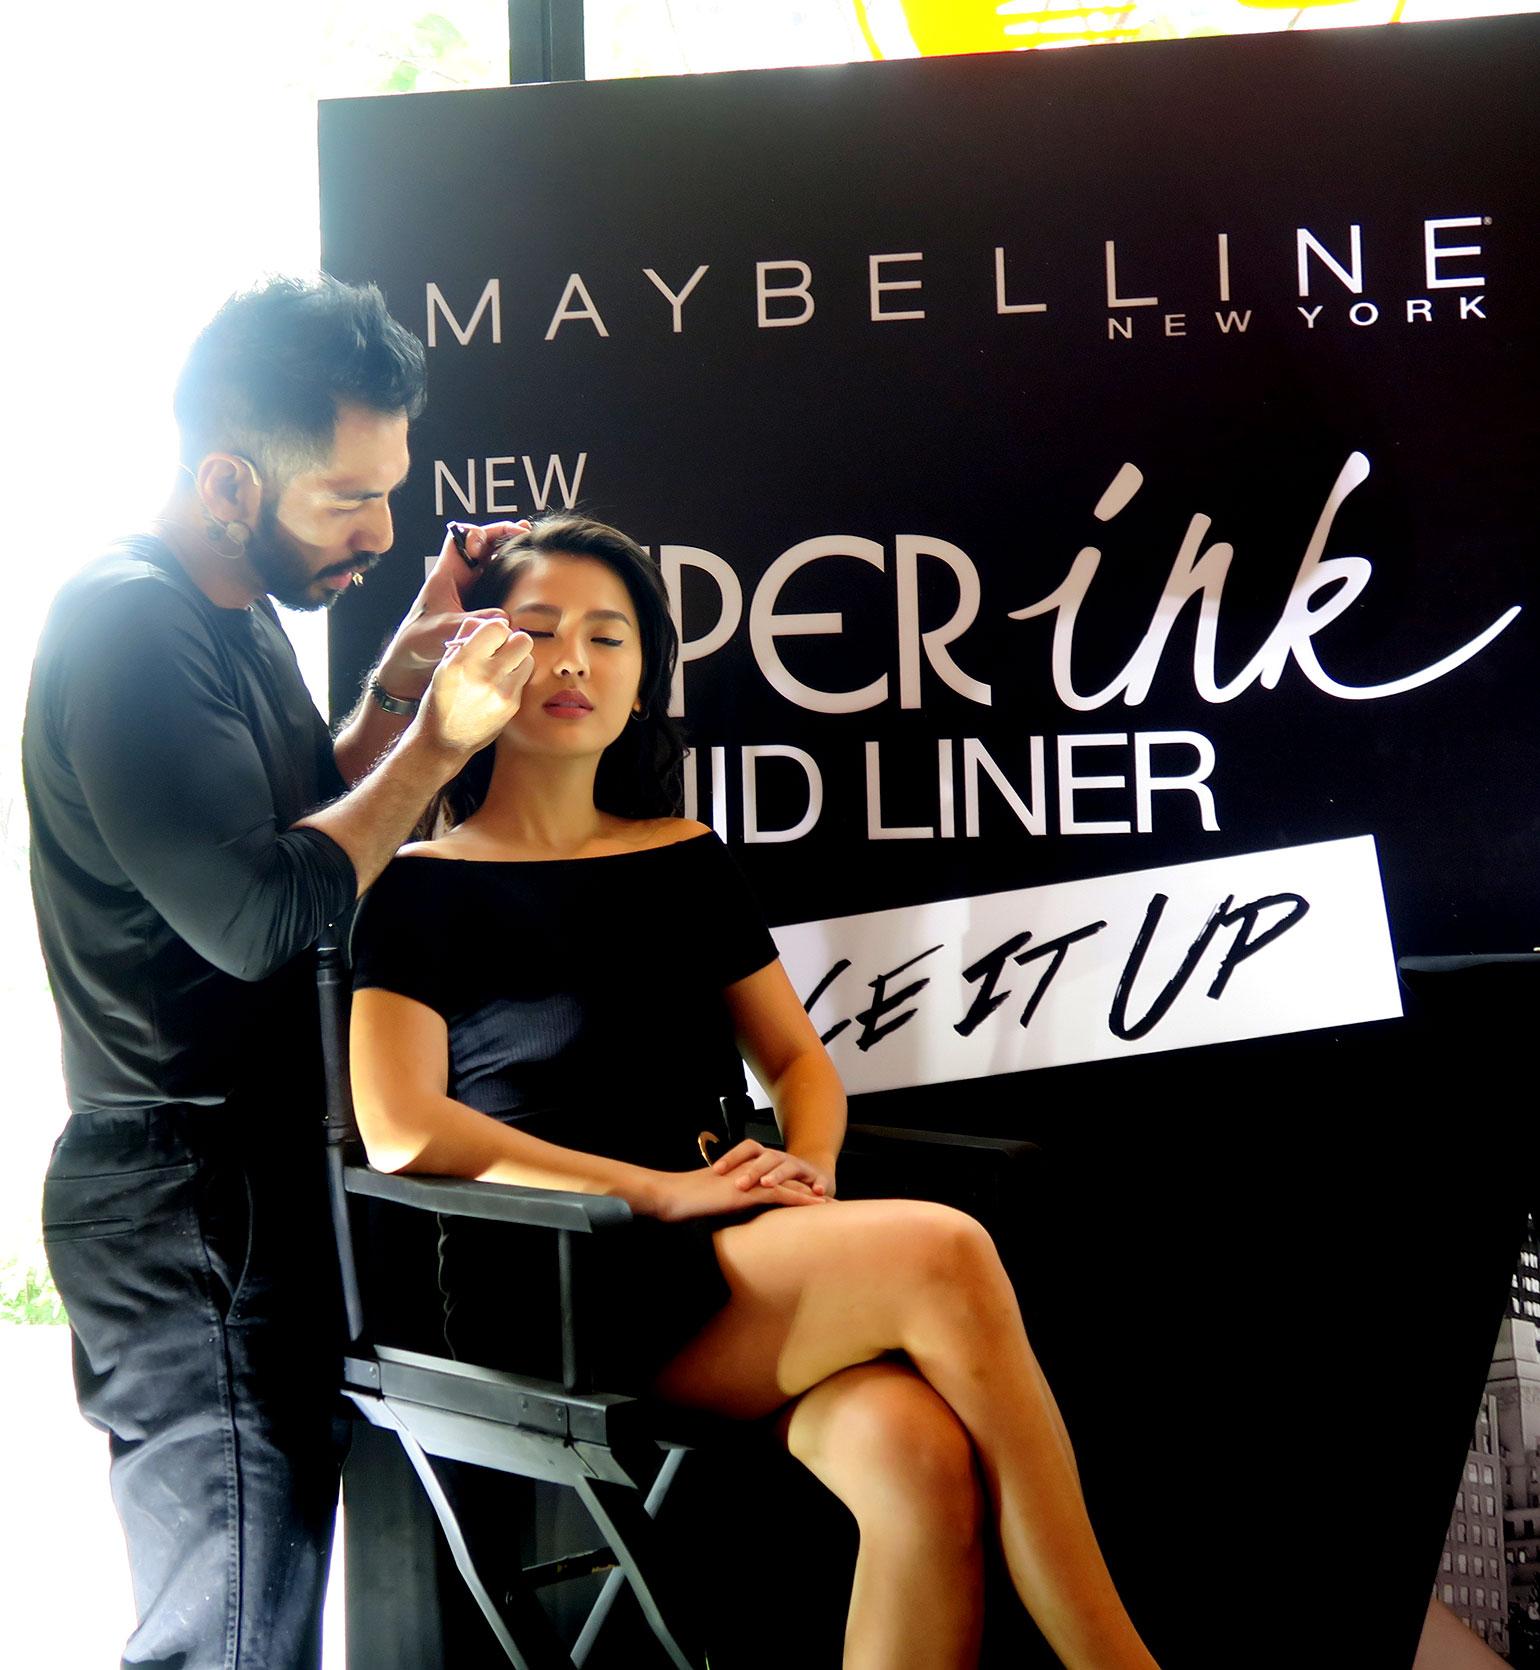 7 Maybelline Hyper Ink Liquid Liner Review - Gen-zel.com (c).jpg